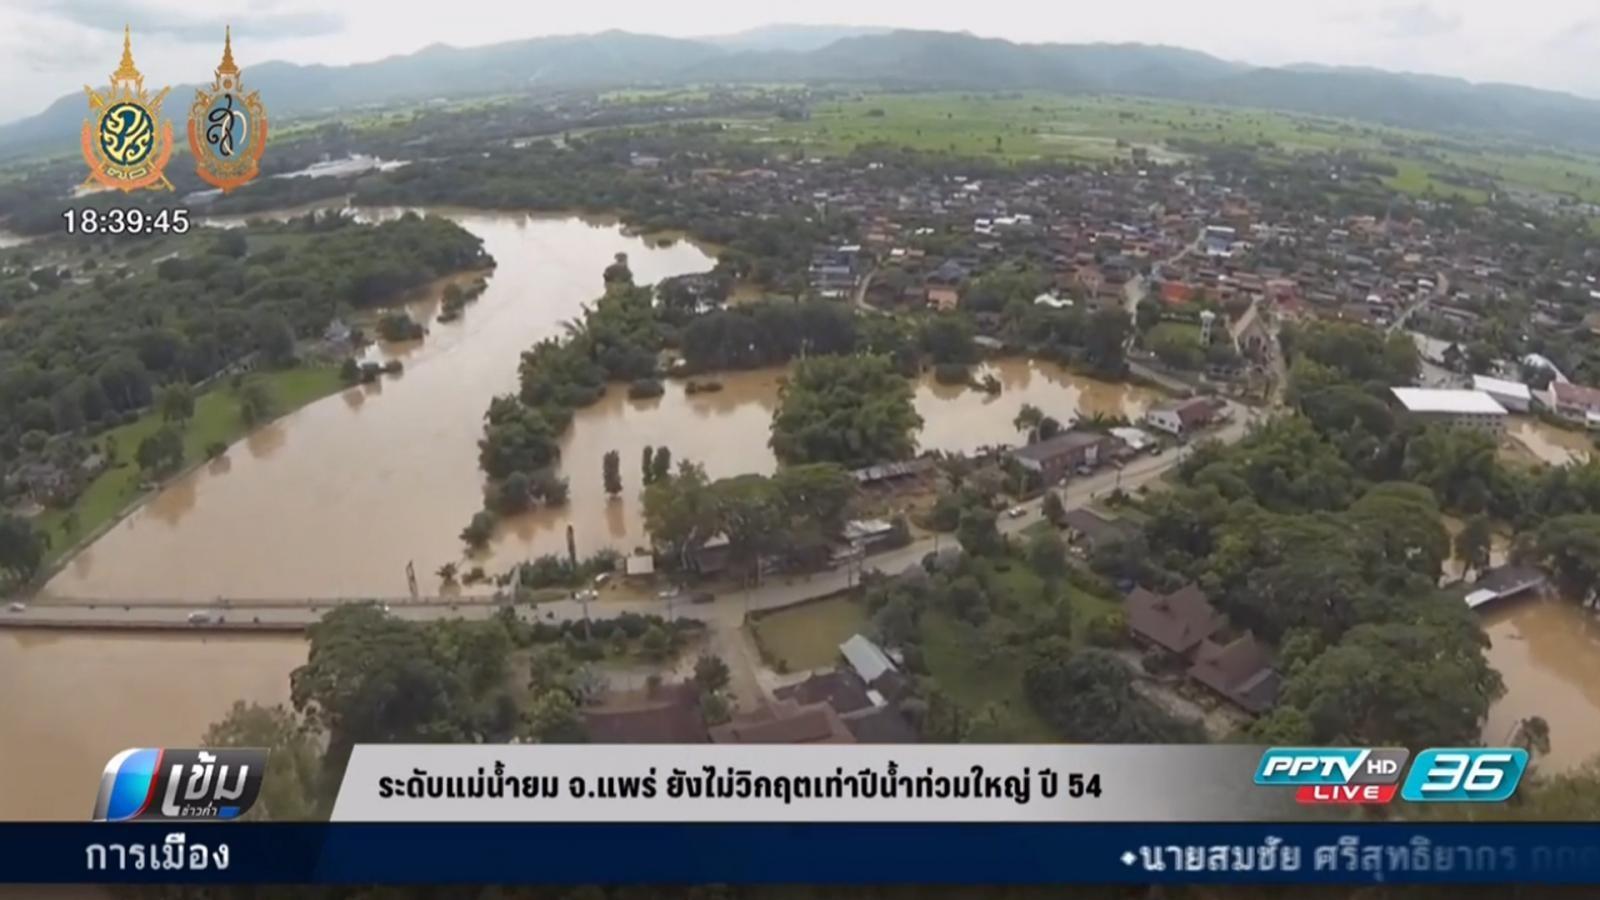 ระดับแม่น้ำยม จ.แพร่ ยังไม่วิกฤตเท่าปีน้ำท่วมใหญ่ 54